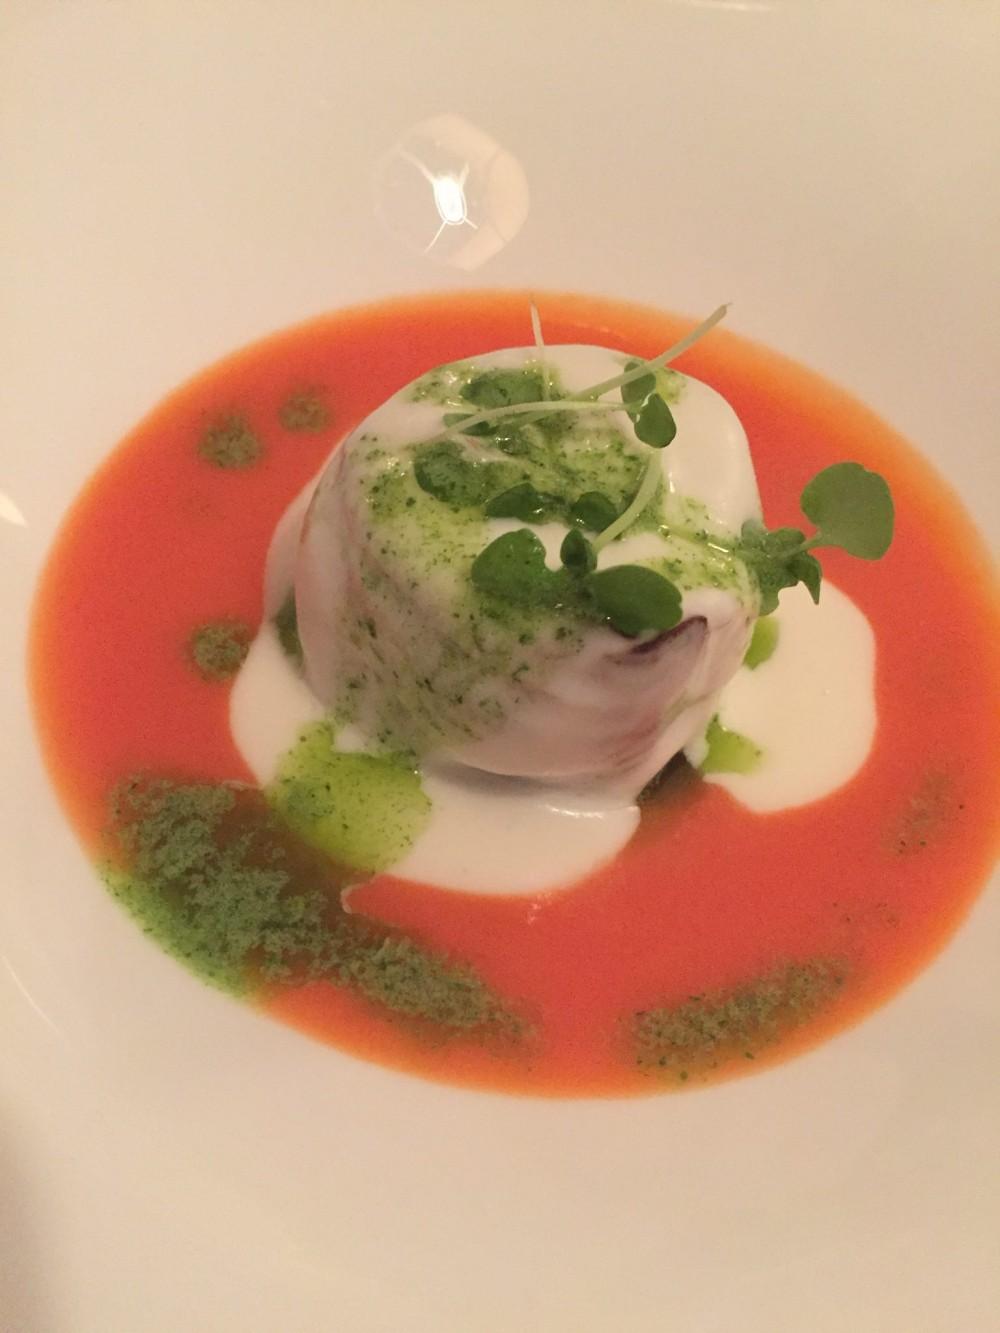 #ischiasafari, Francesco Sposito. Coda di pescatrice affumicata, alla parmigiana, su gazpacho di pomodoro all'aceto xeres